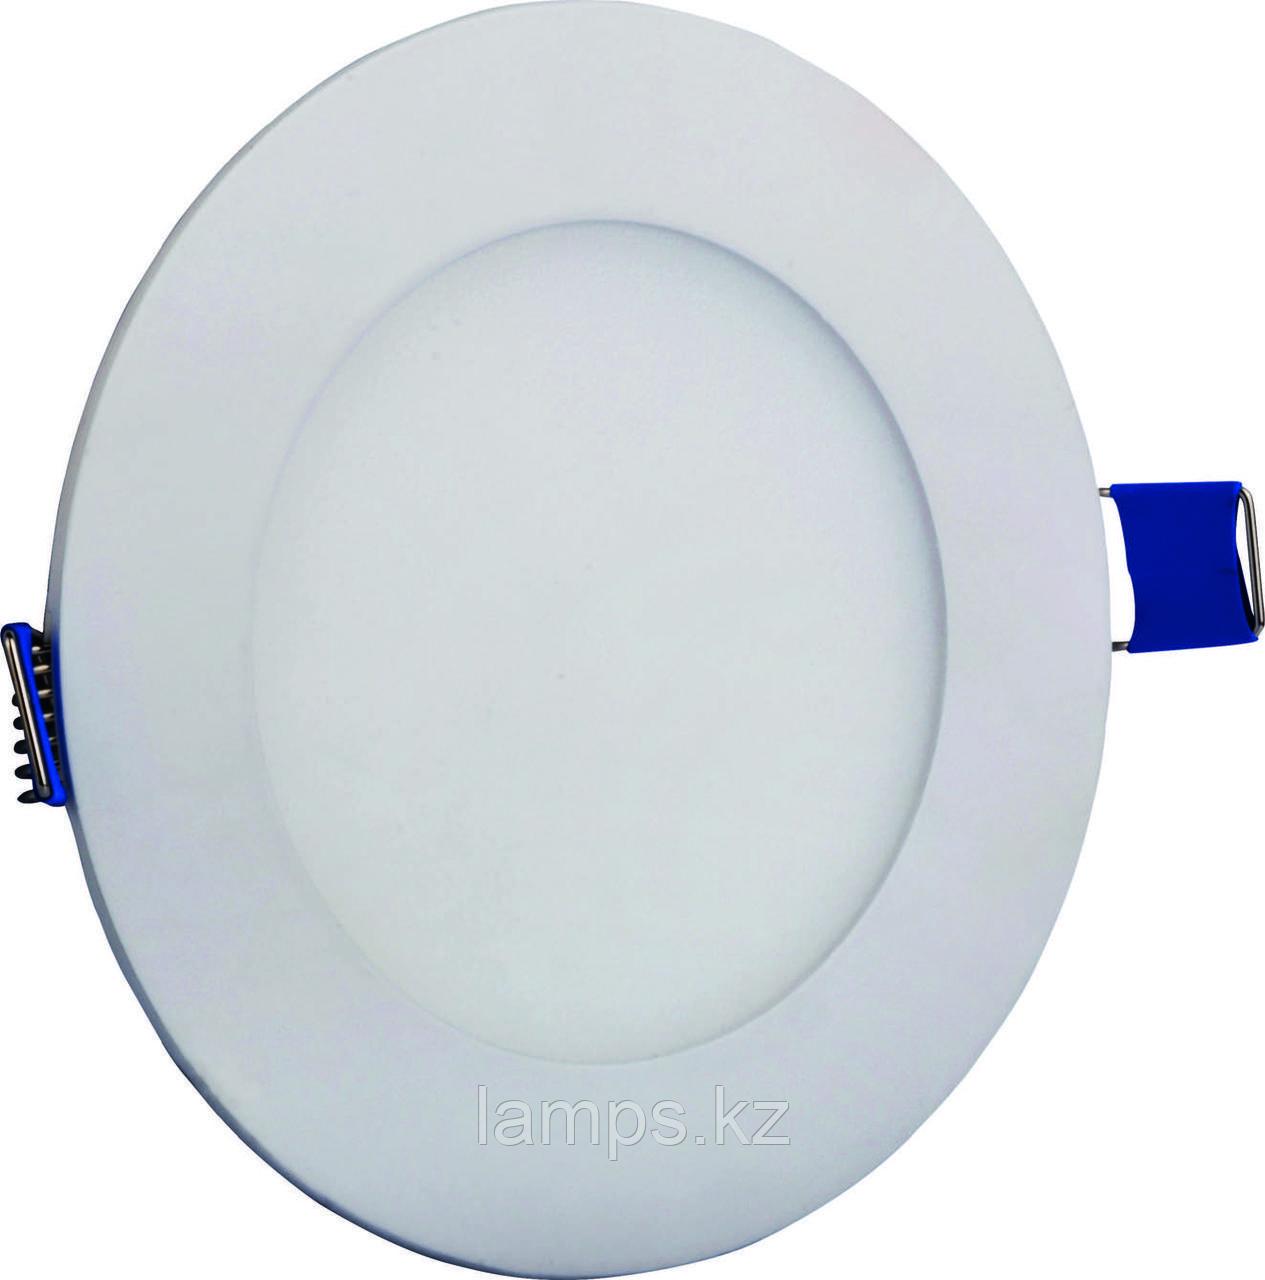 Светодиодная встраиваемая панель круглая LENA-RX/3W/SMD/3000K/Φ70MM/CBOX/LED PANEL